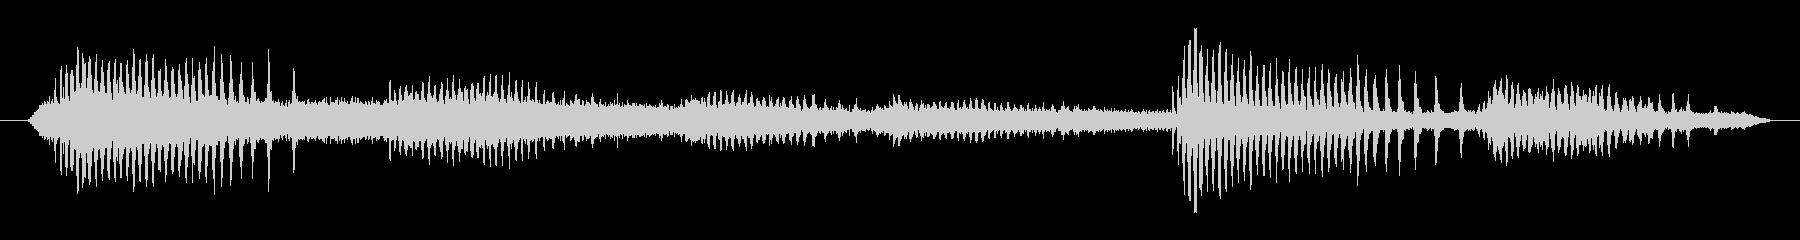 ヒグラシの鳴き声(夏、セミ、夕方)の未再生の波形